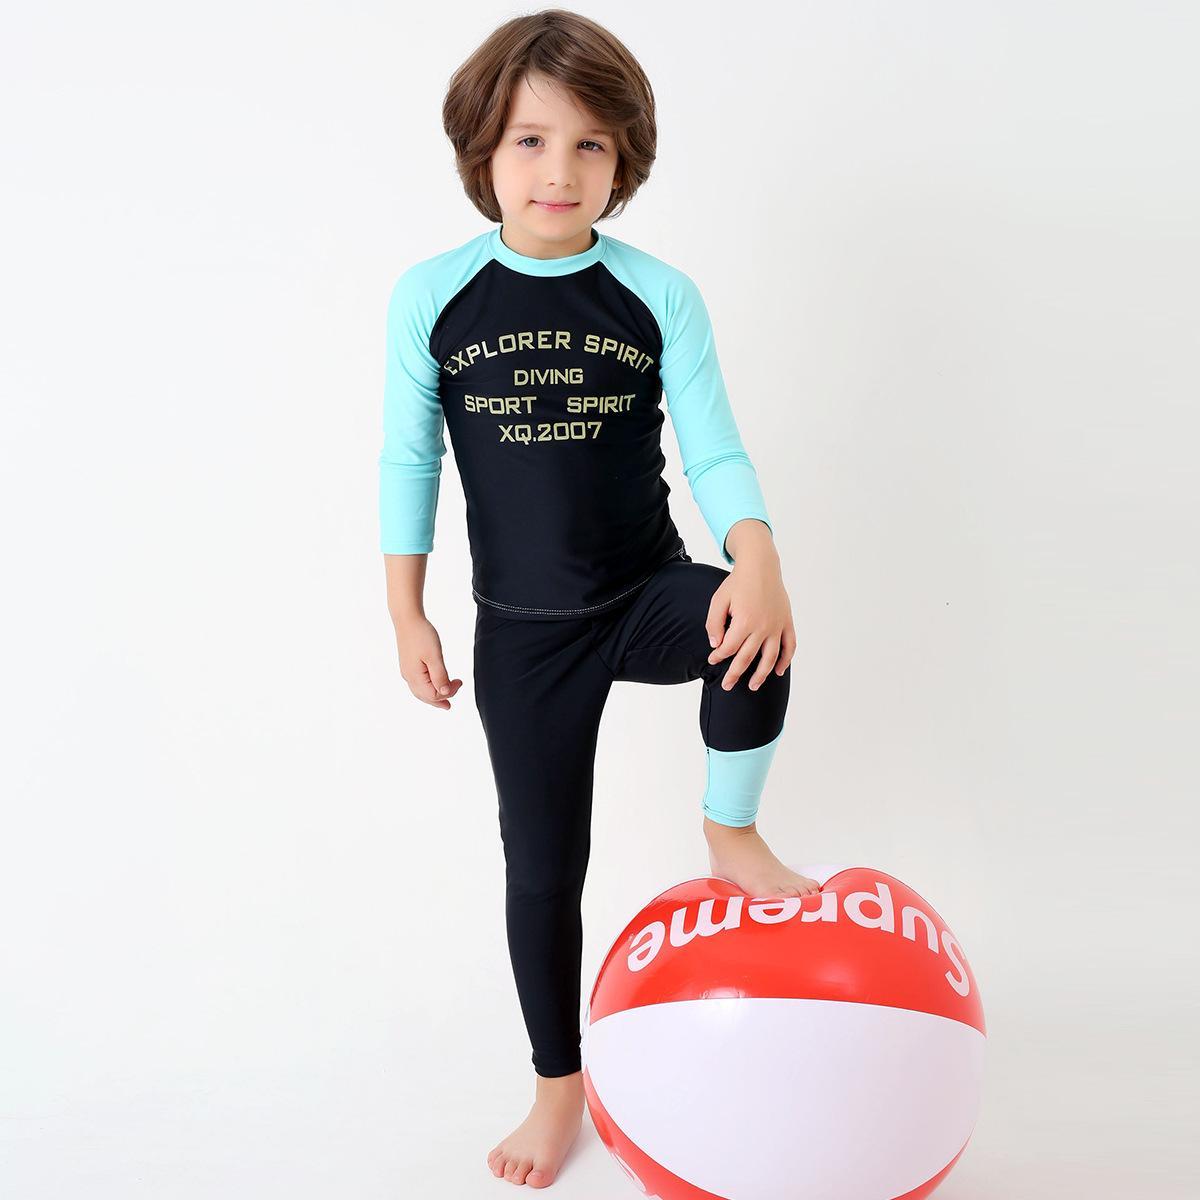 Goman anak-anak baru tabir surya pakaian renang anak-anak berpisah lengan panjang cepat kering anak-anak besar pantai menyelam pakaian renang unta grosir